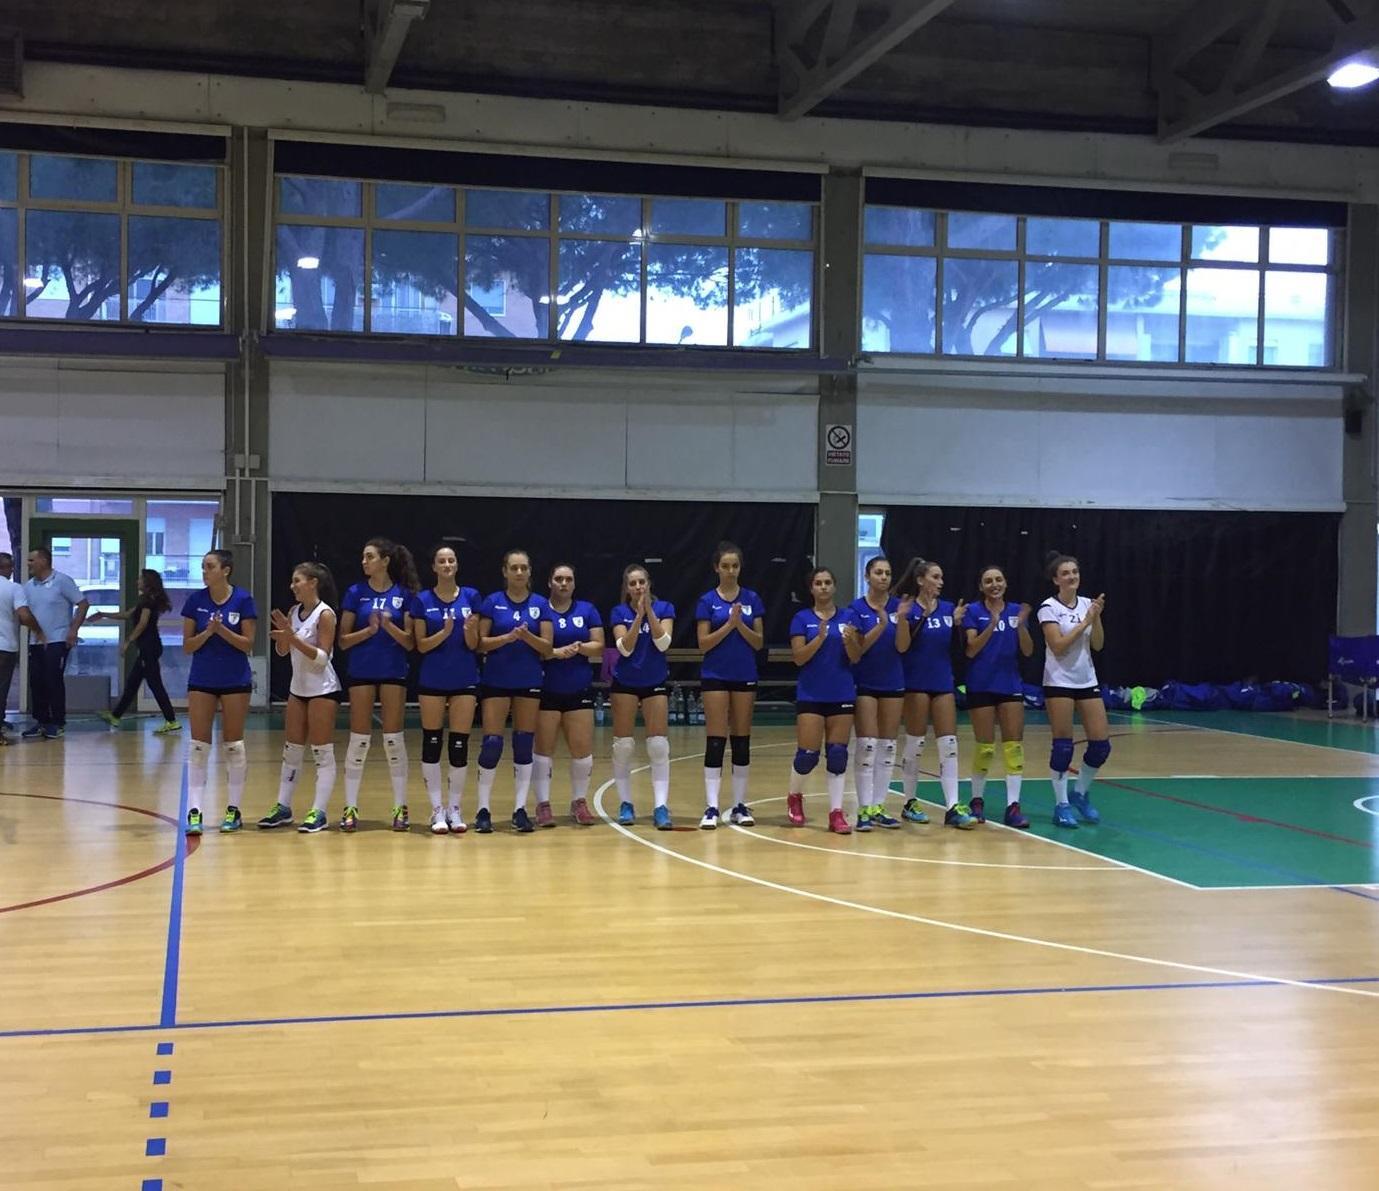 volley-terracina-quinta-vittoria-consecutiva-a-zagarolo